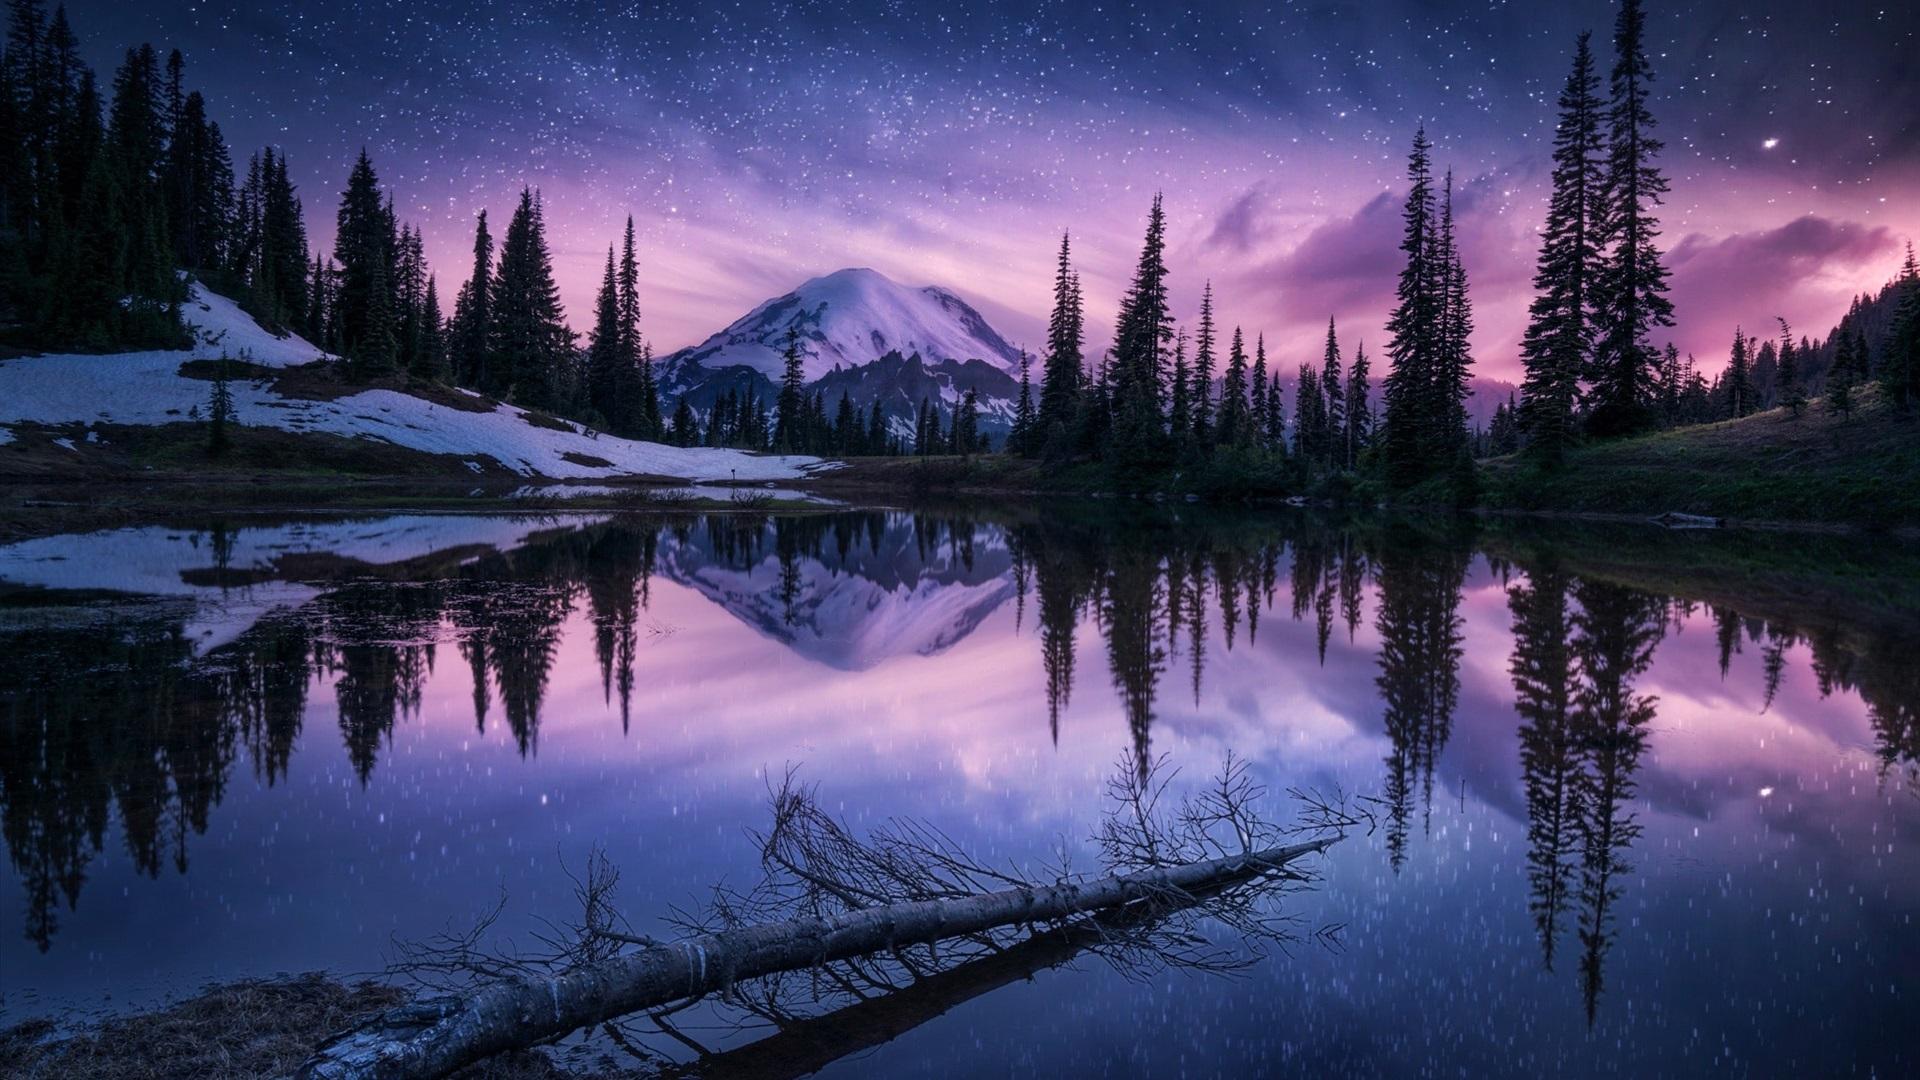 Lago Con Montañas Nevadas Hd: Invierno, Lago, árboles, Montañas, Nieve, Cielo